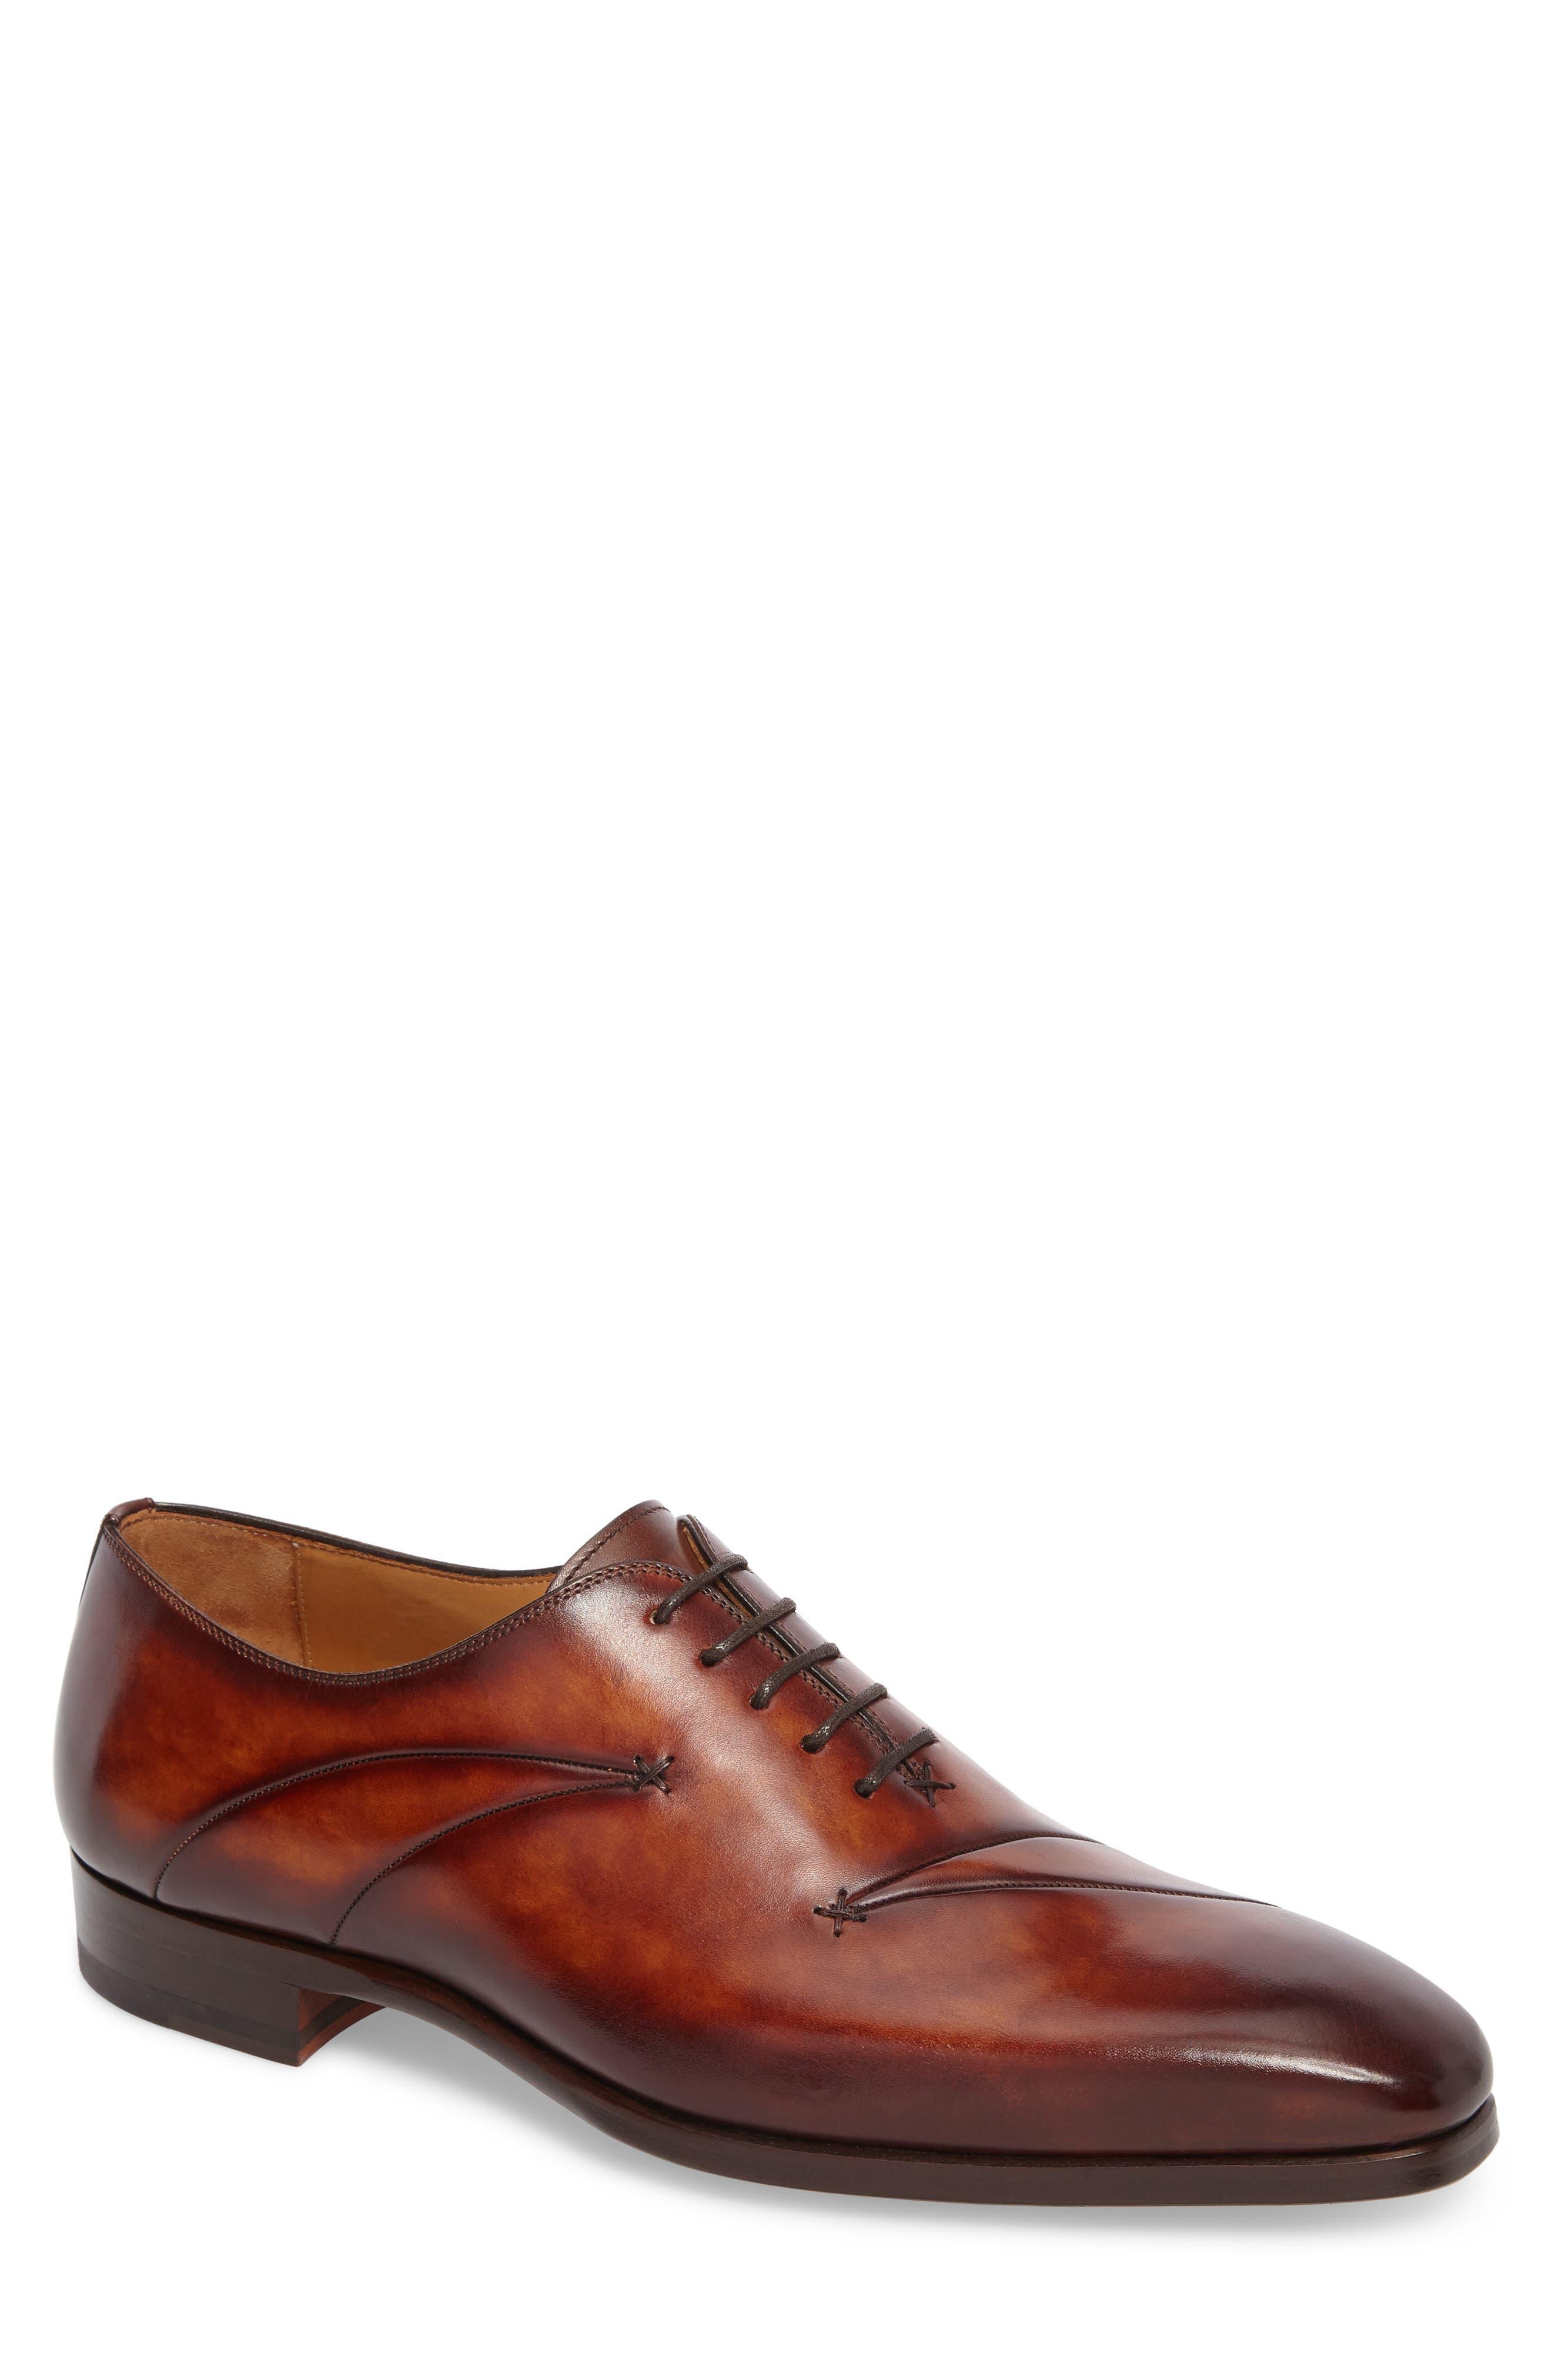 Marquez Stitched Oxford,                             Main thumbnail 1, color,                             Cognac Leather